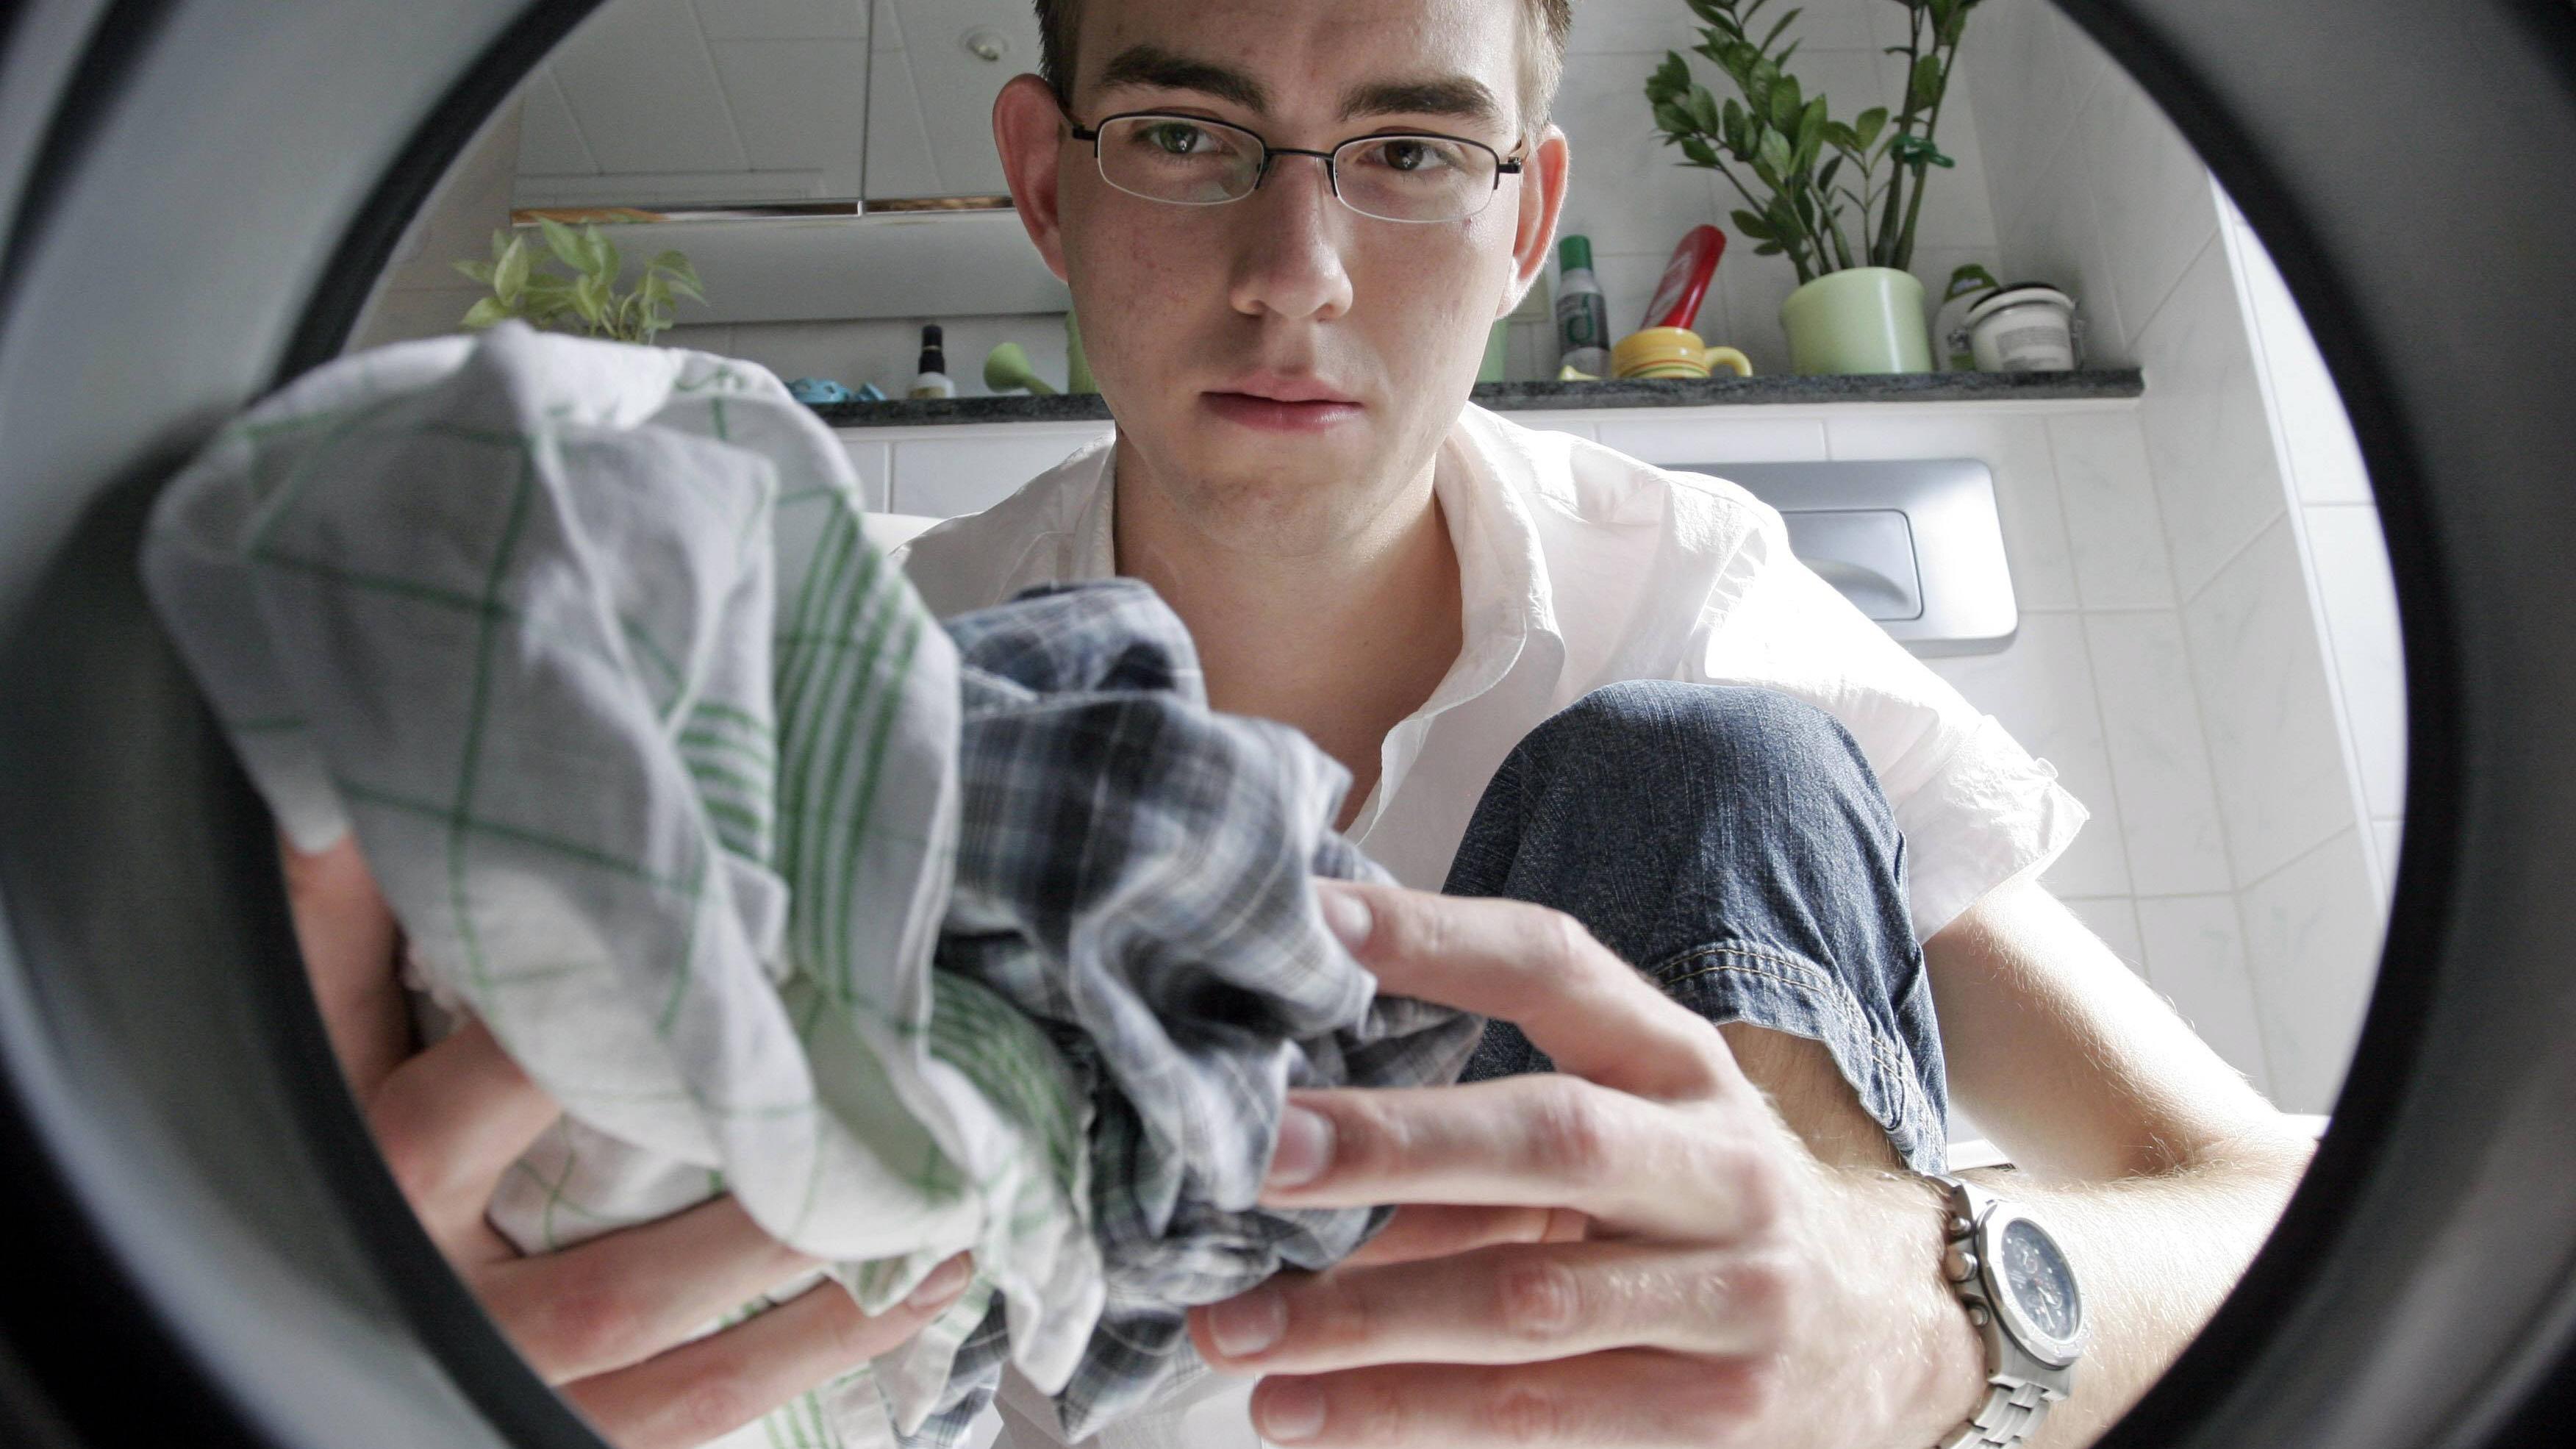 Hemden waschen - darauf sollten Sie achten